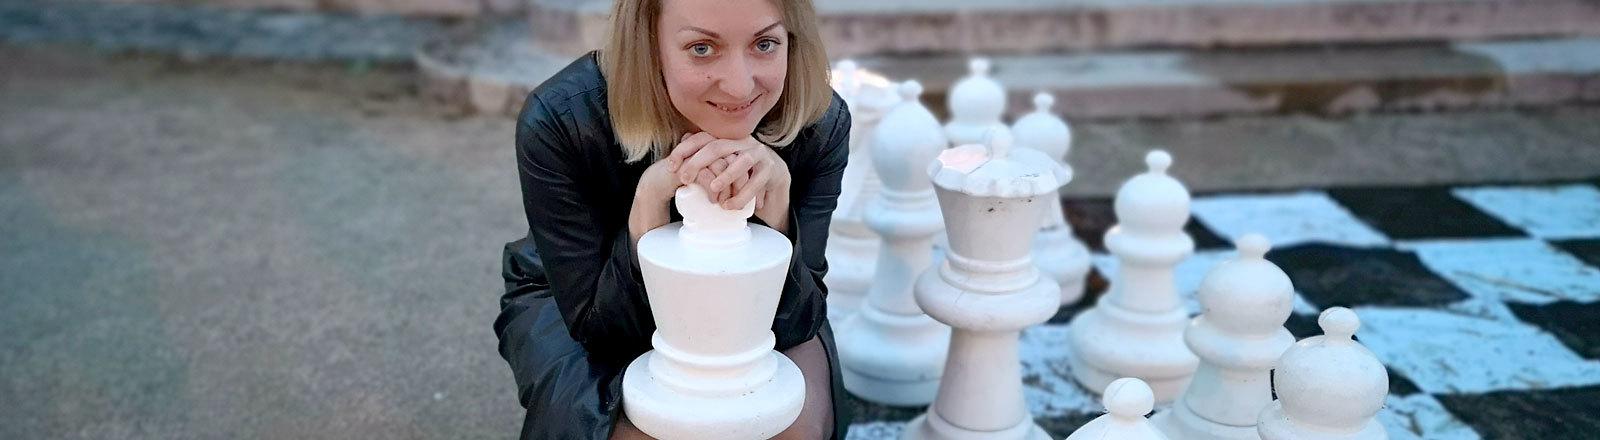 Elisabeth Pähtz vor einem Schachbrett.